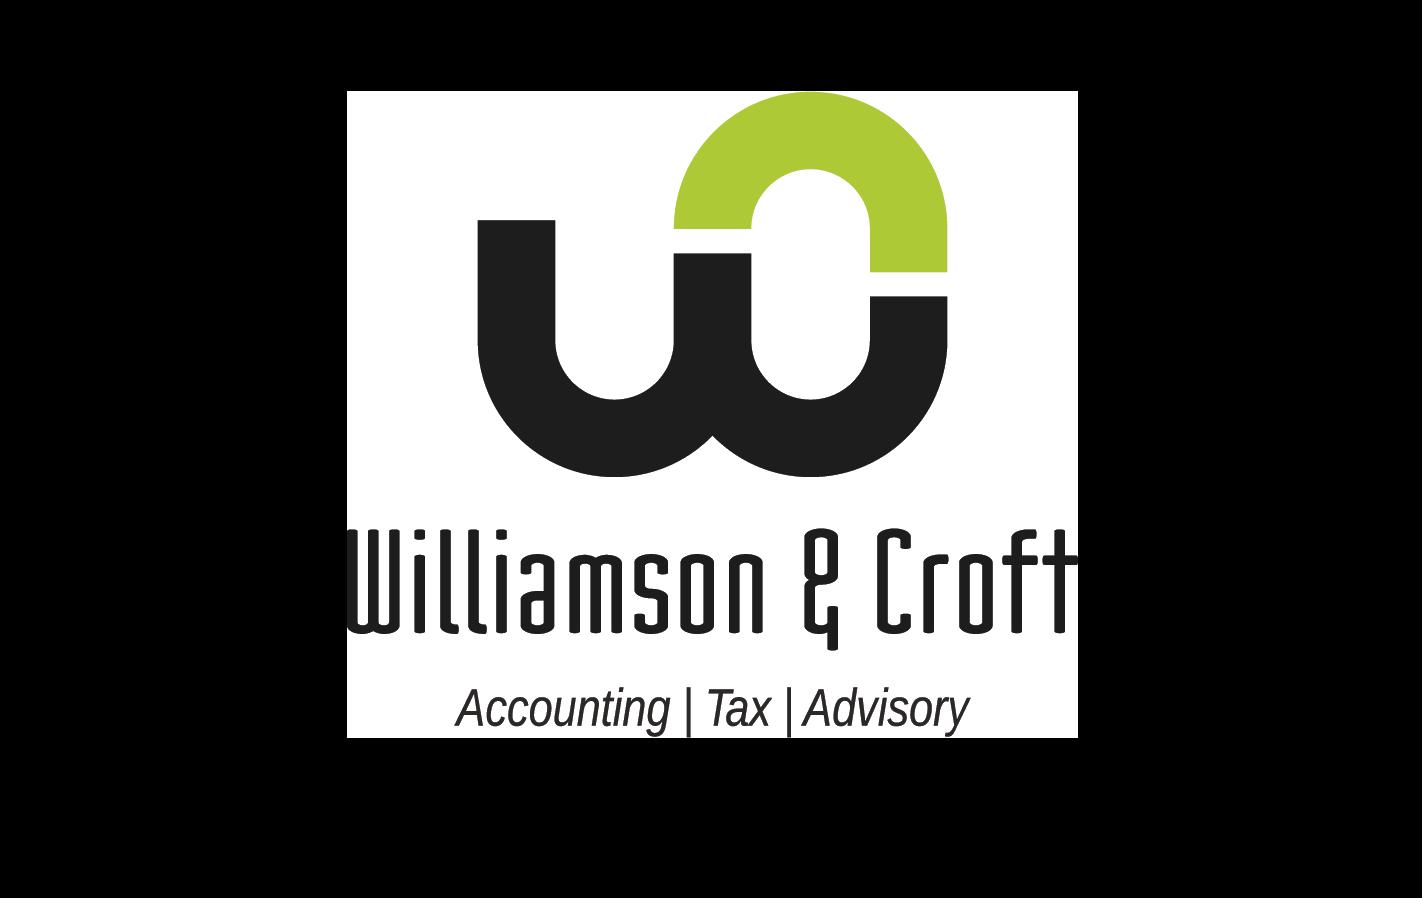 Williamson & Croft